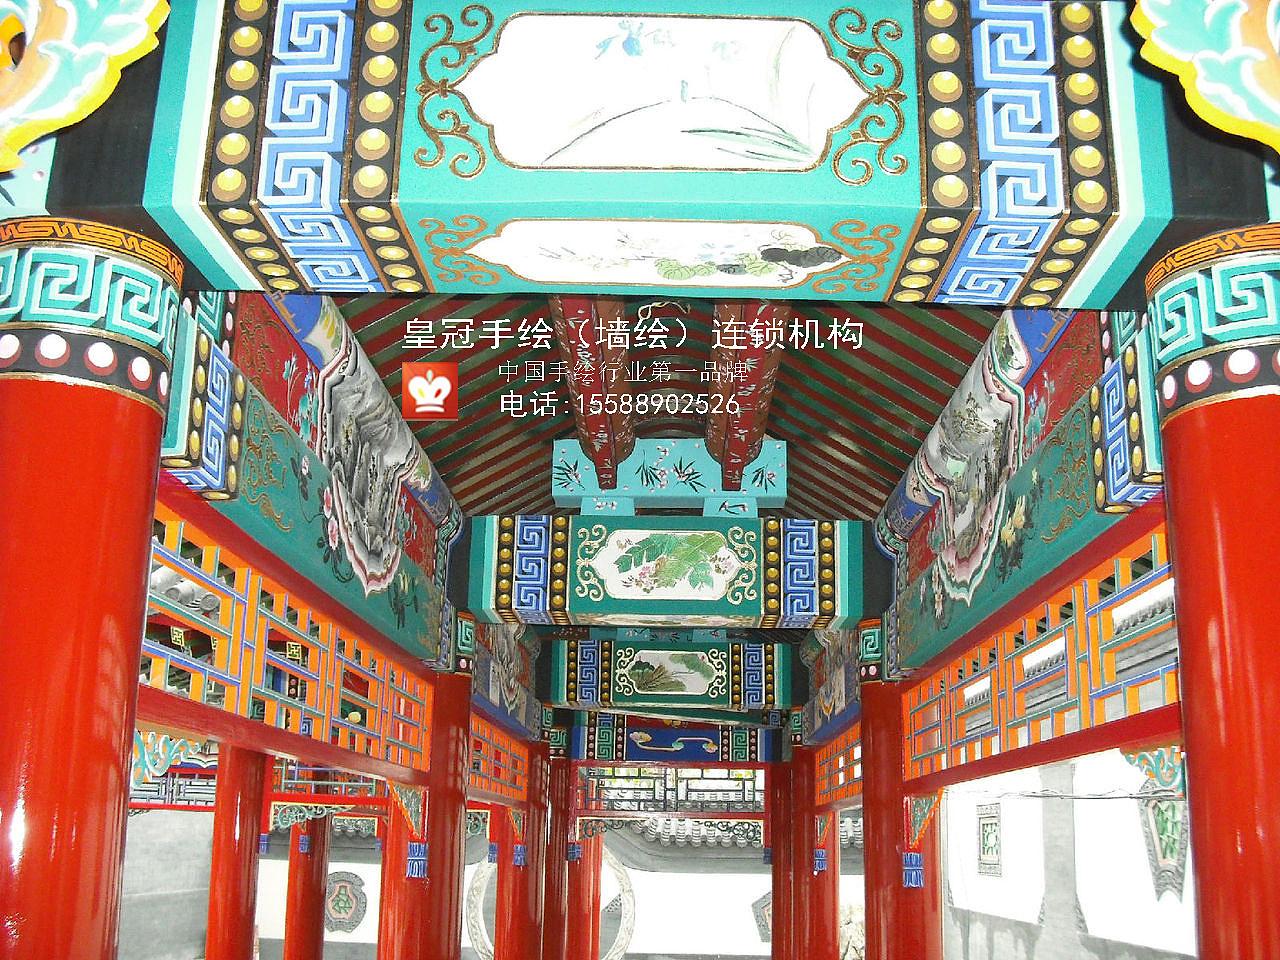 古建筑彩绘 插画 其他插画 临沂皇冠手绘 - 原创作品